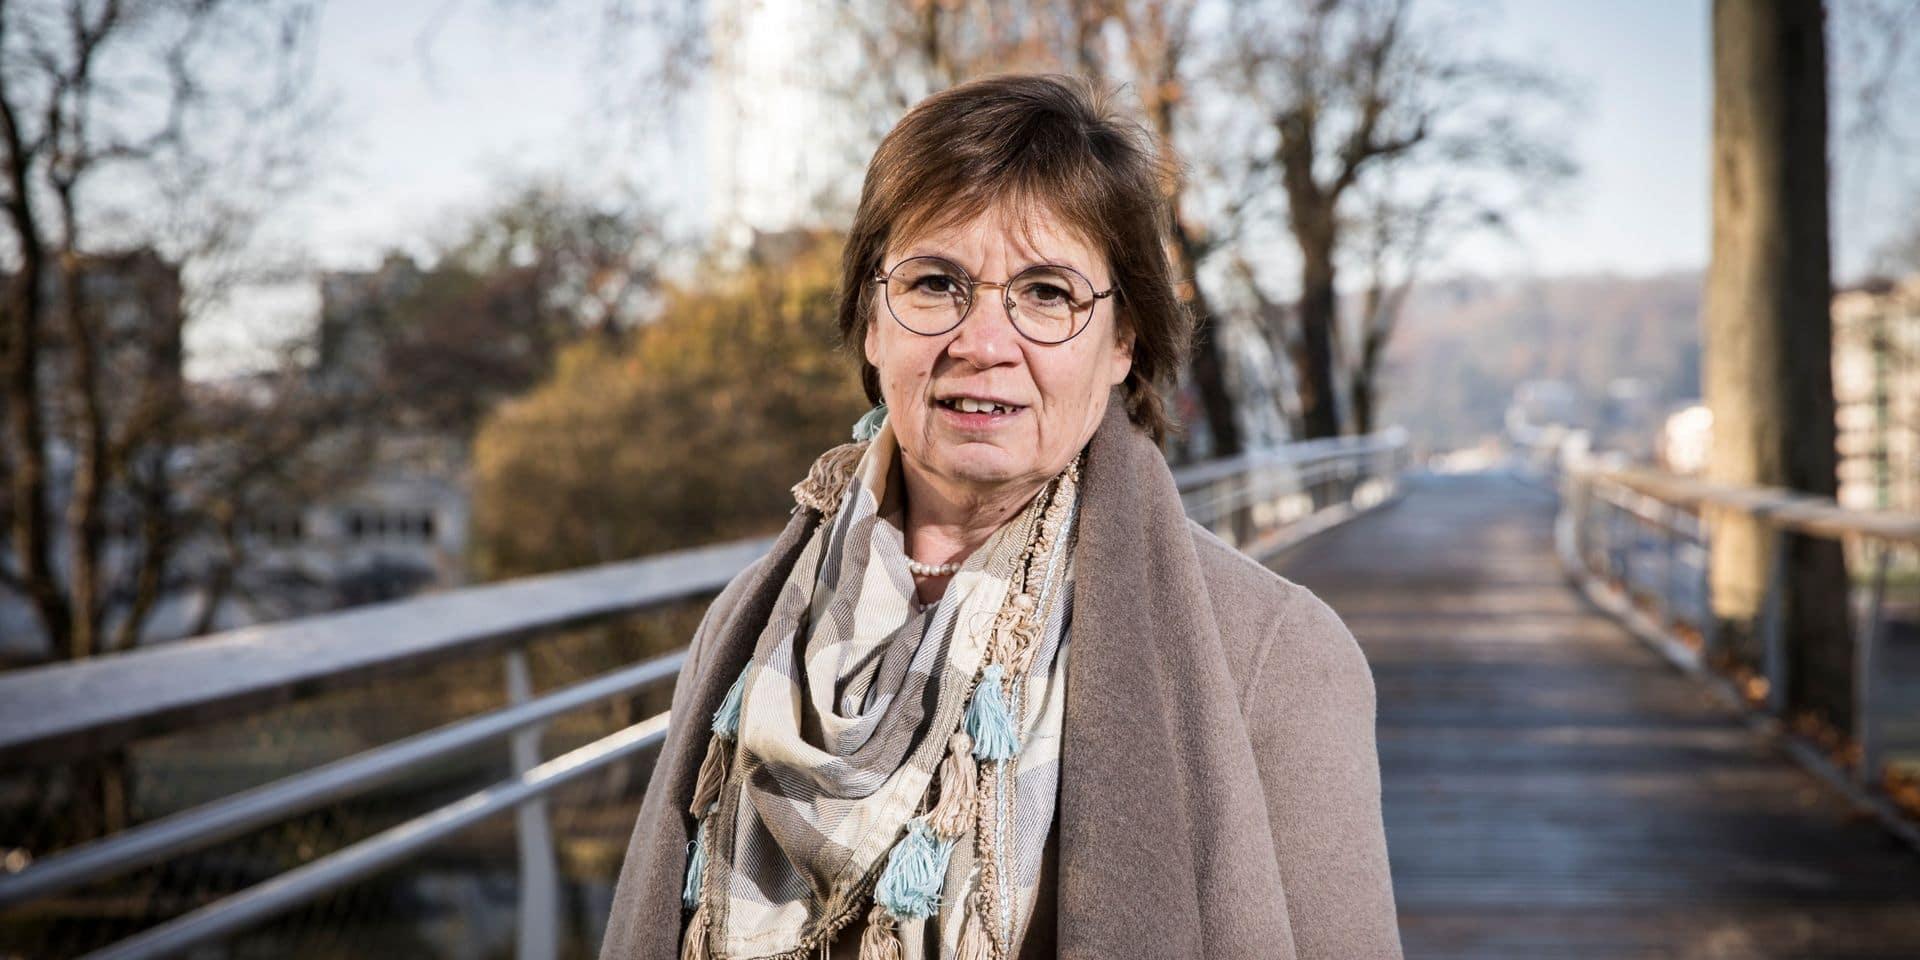 """Alda Greoli craint que la nouvelle réforme APE délaisse la culture: """"Il ne sera pas possible de développer une politique nouvelle et de la pérenniser"""""""